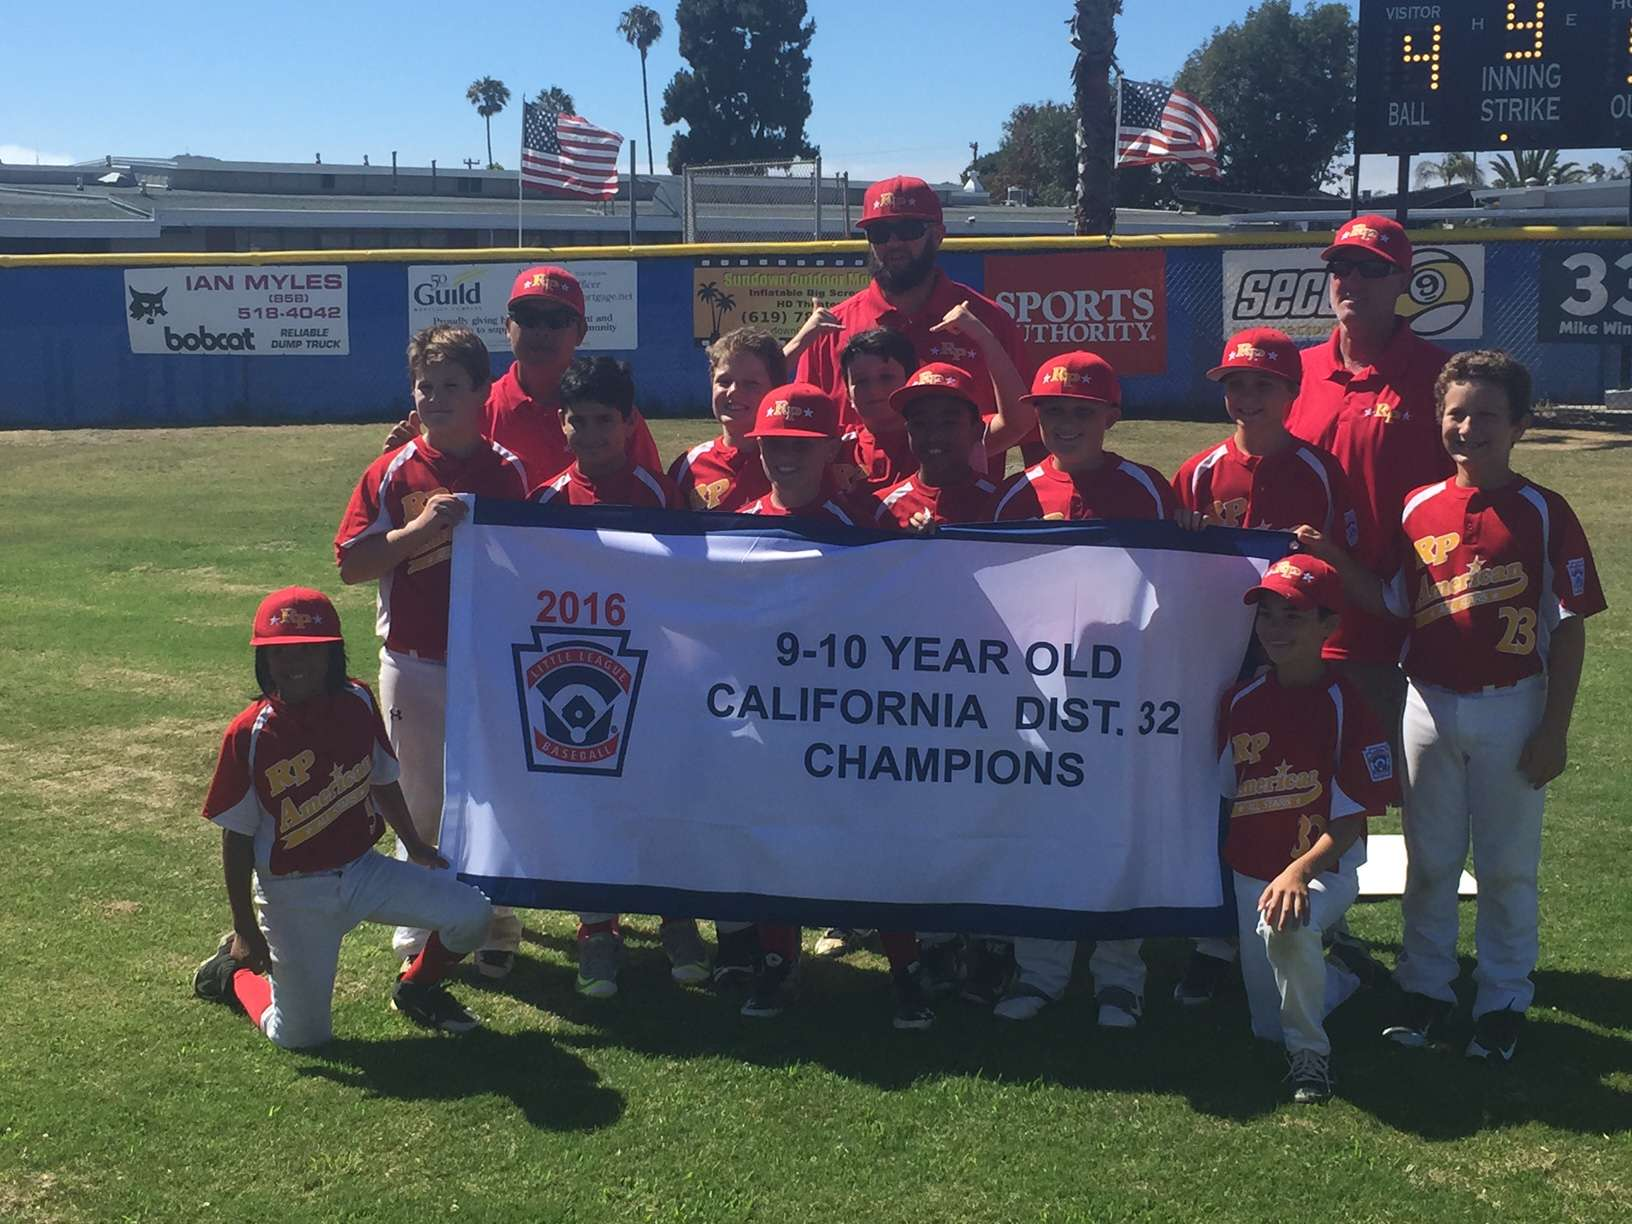 2016 9-10 champs